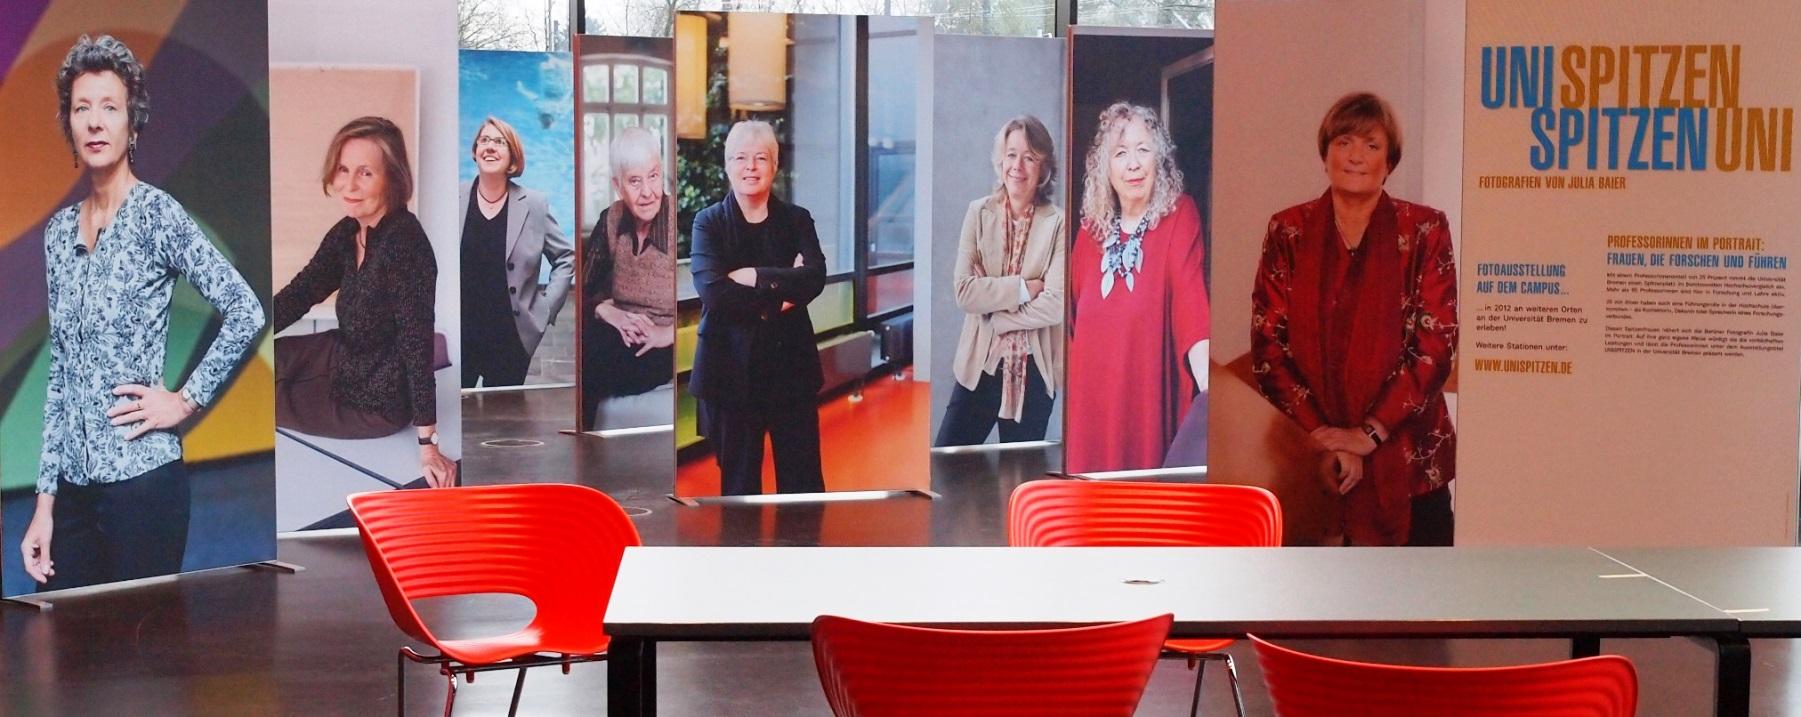 Weibliche Vorbilder an der Uni Bremen